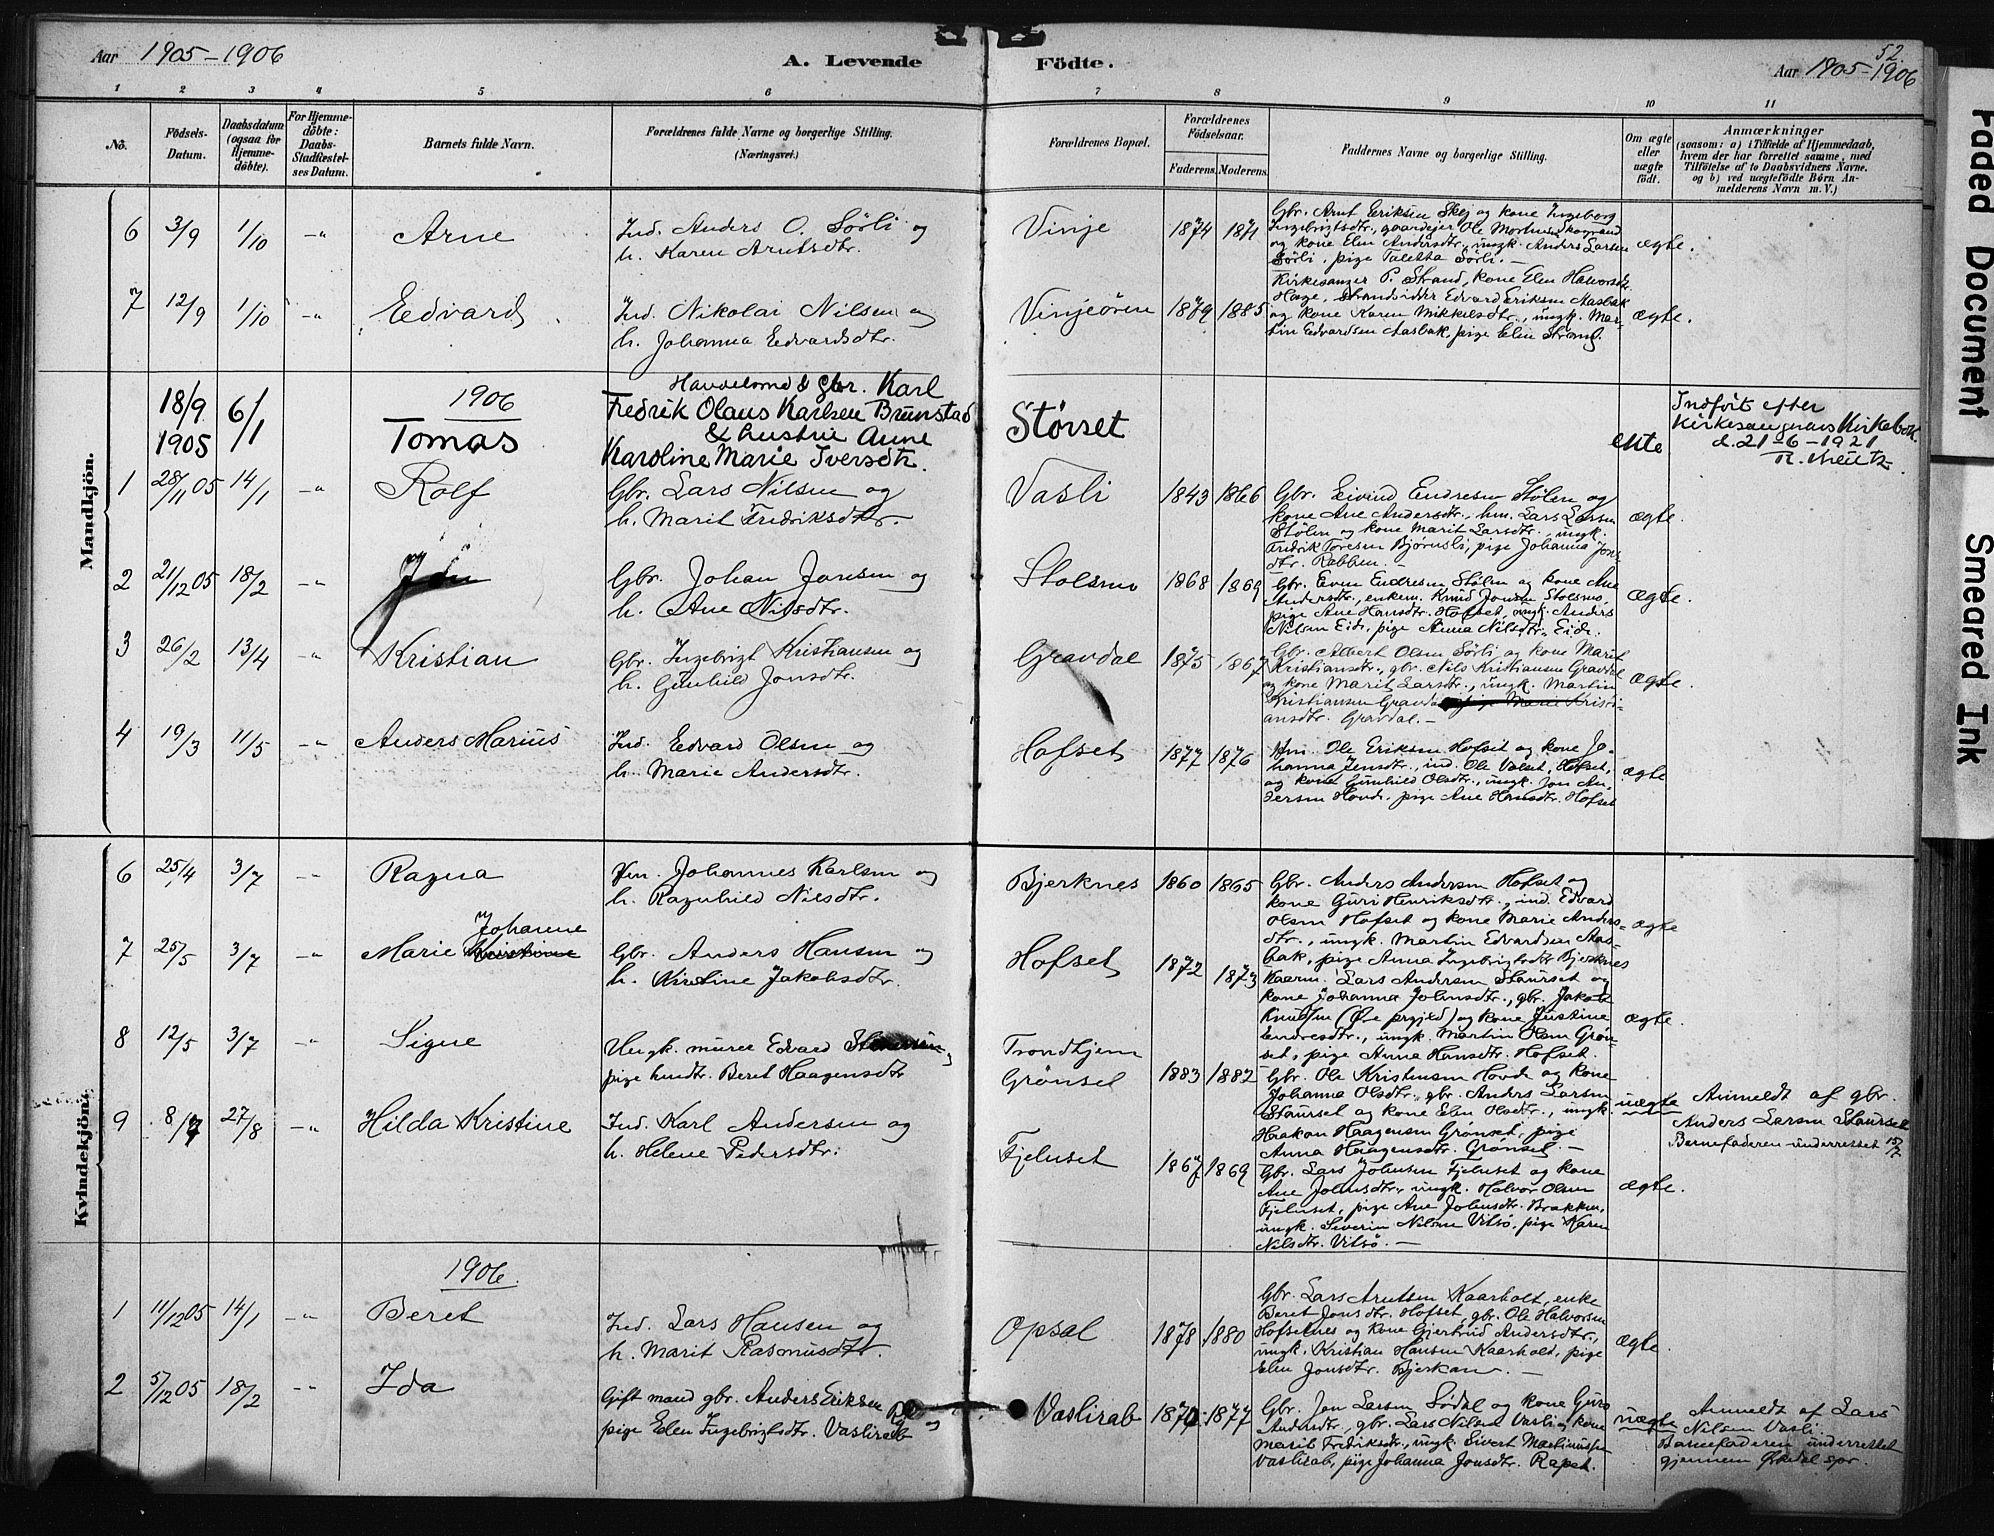 SAT, Ministerialprotokoller, klokkerbøker og fødselsregistre - Sør-Trøndelag, 631/L0512: Ministerialbok nr. 631A01, 1879-1912, s. 52